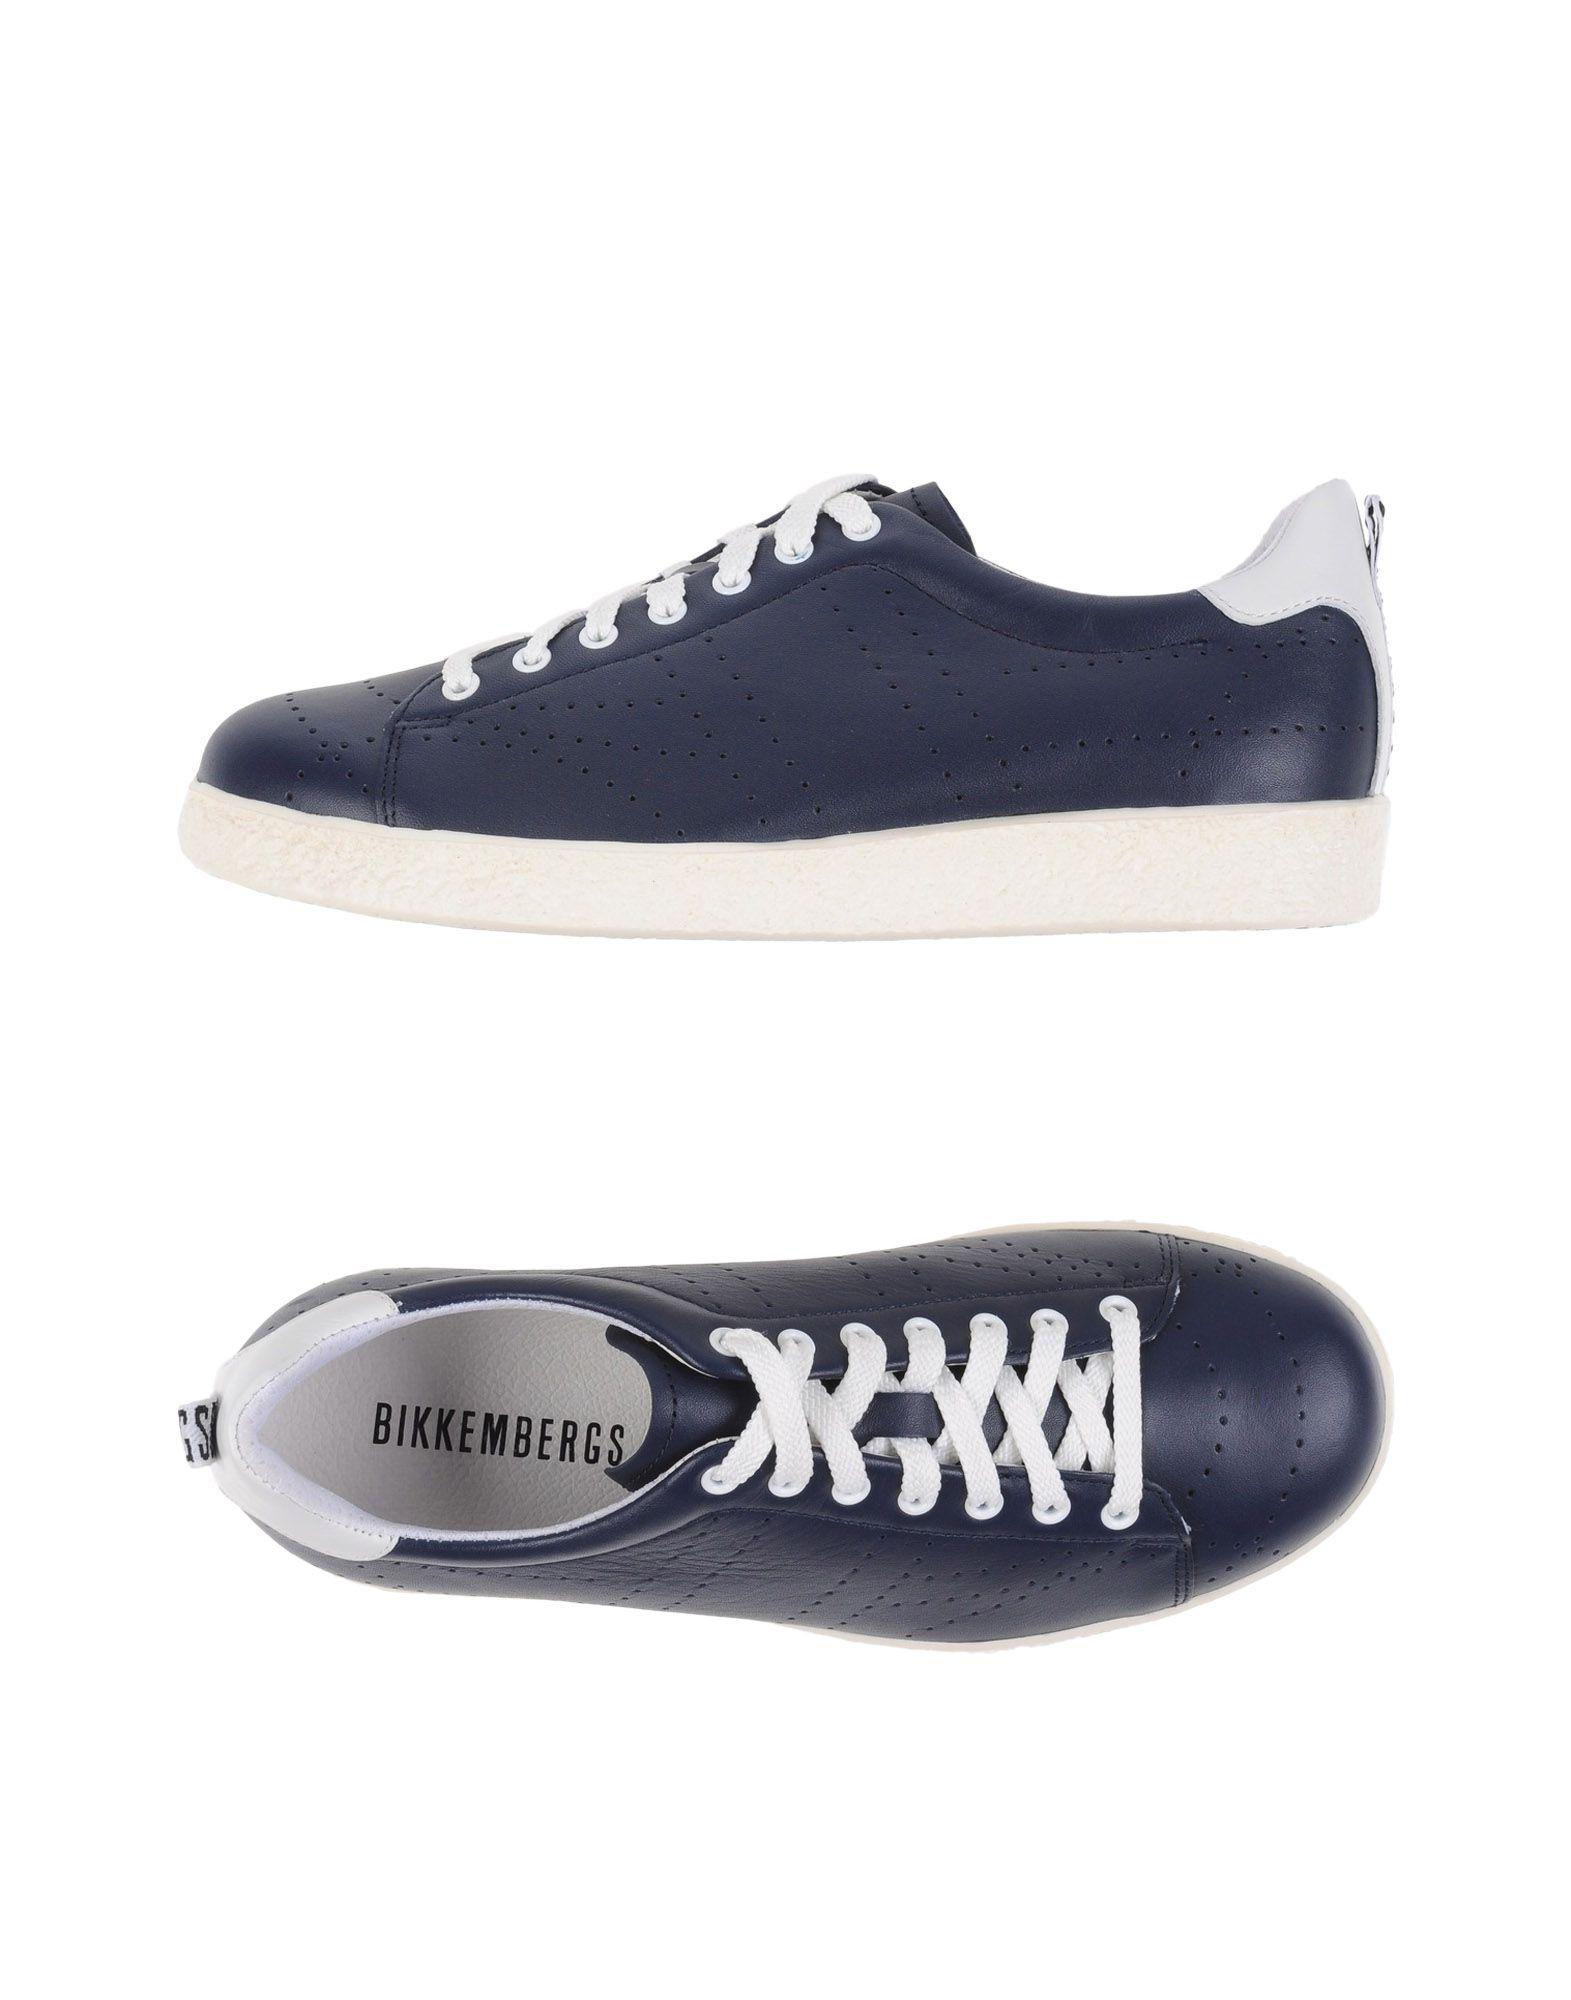 Rabatt Herren echte Schuhe Bikkembergs Sneakers Herren Rabatt  11141823EW 38d9cc